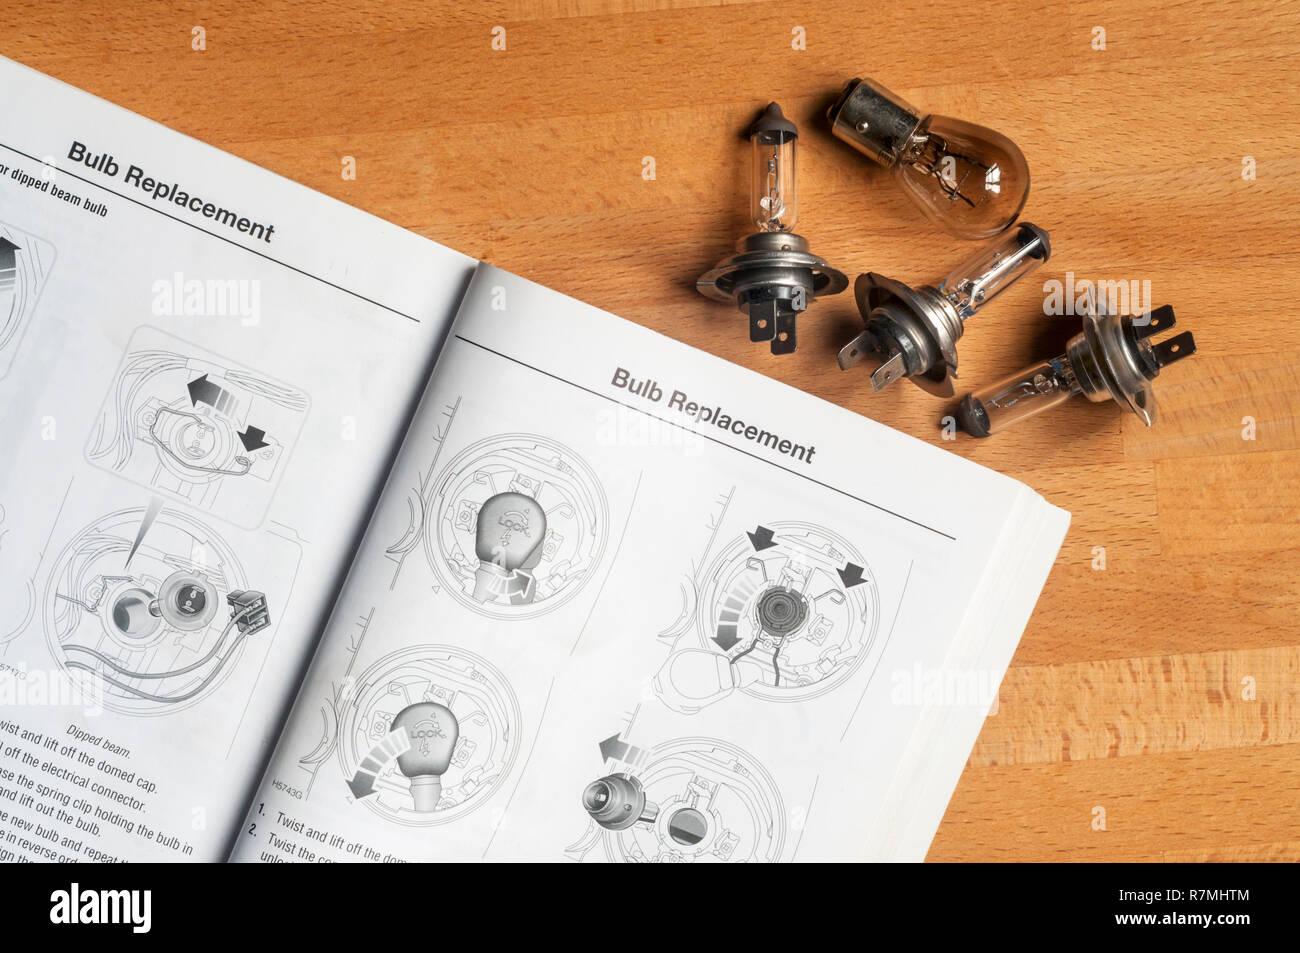 Car maintenance - changing headlamp bulbs - Stock Image